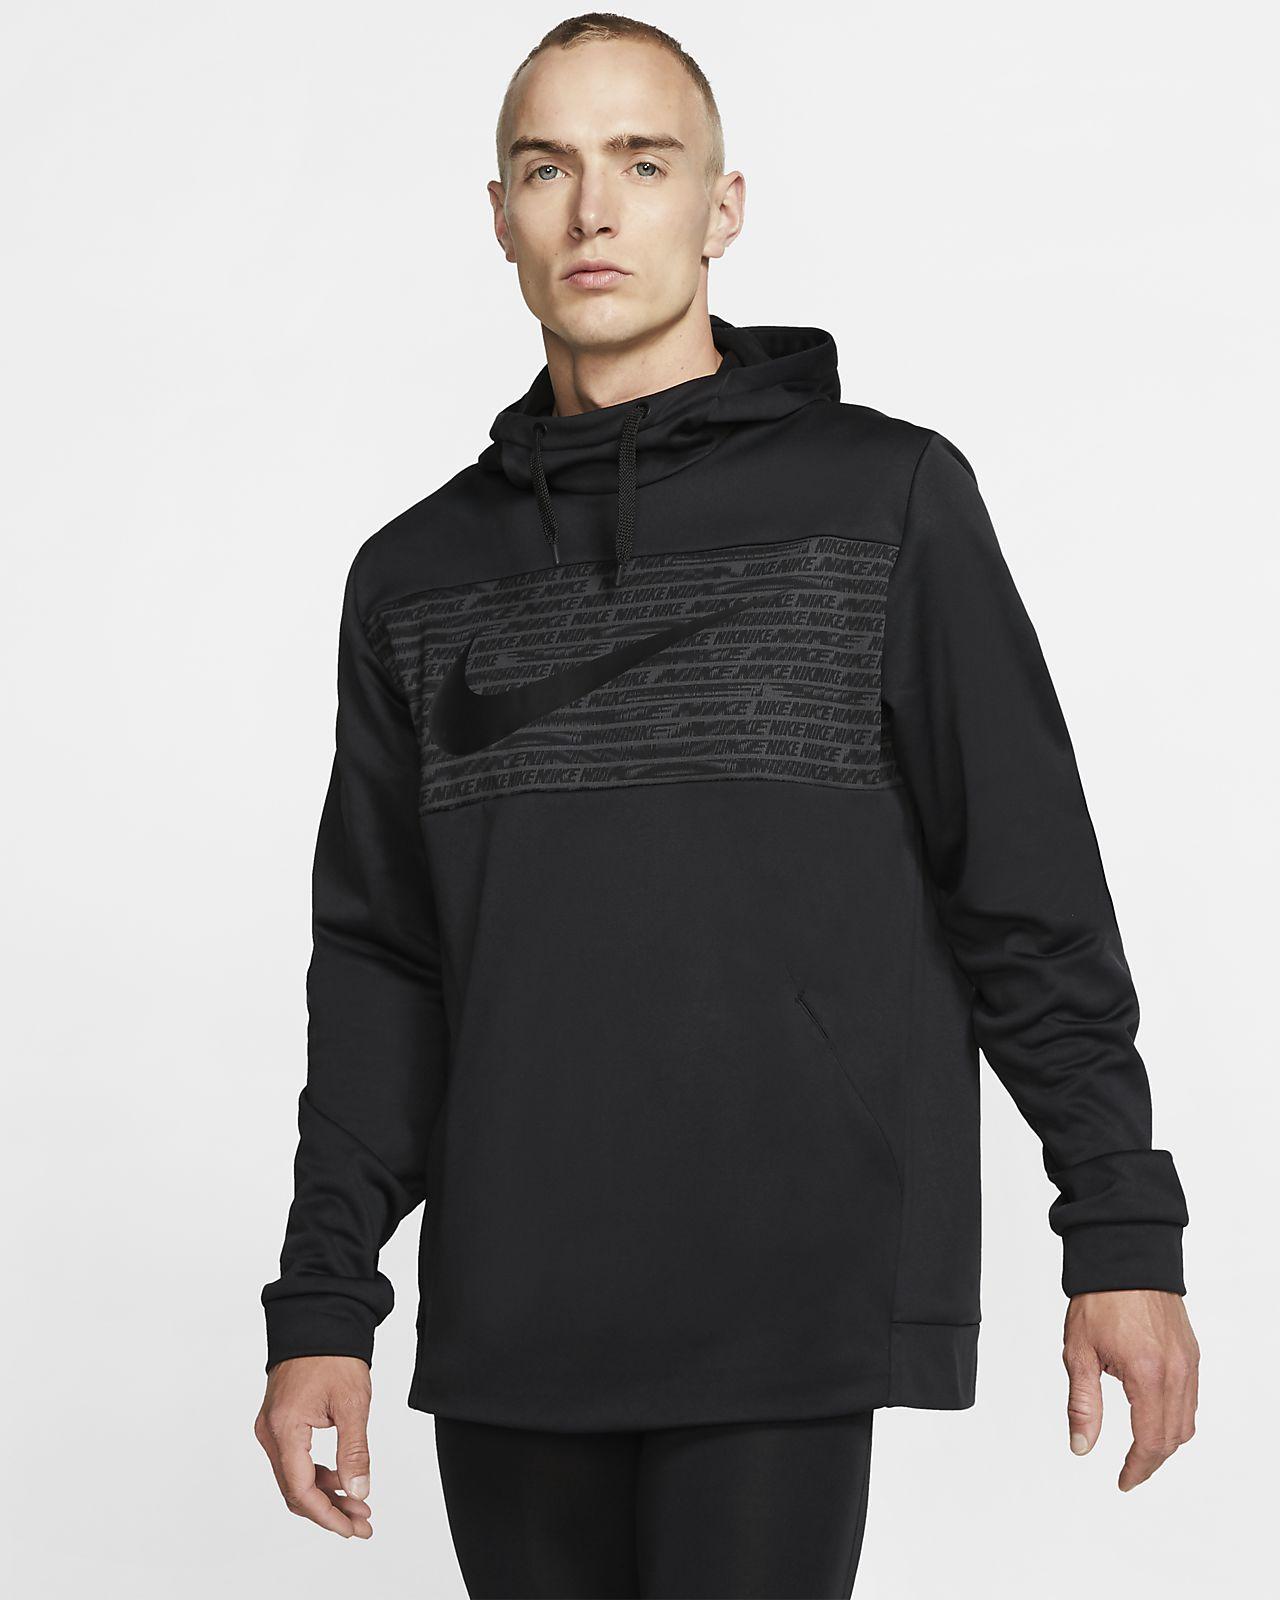 Träningshuvtröja i fleece Nike Therma Pullover för män